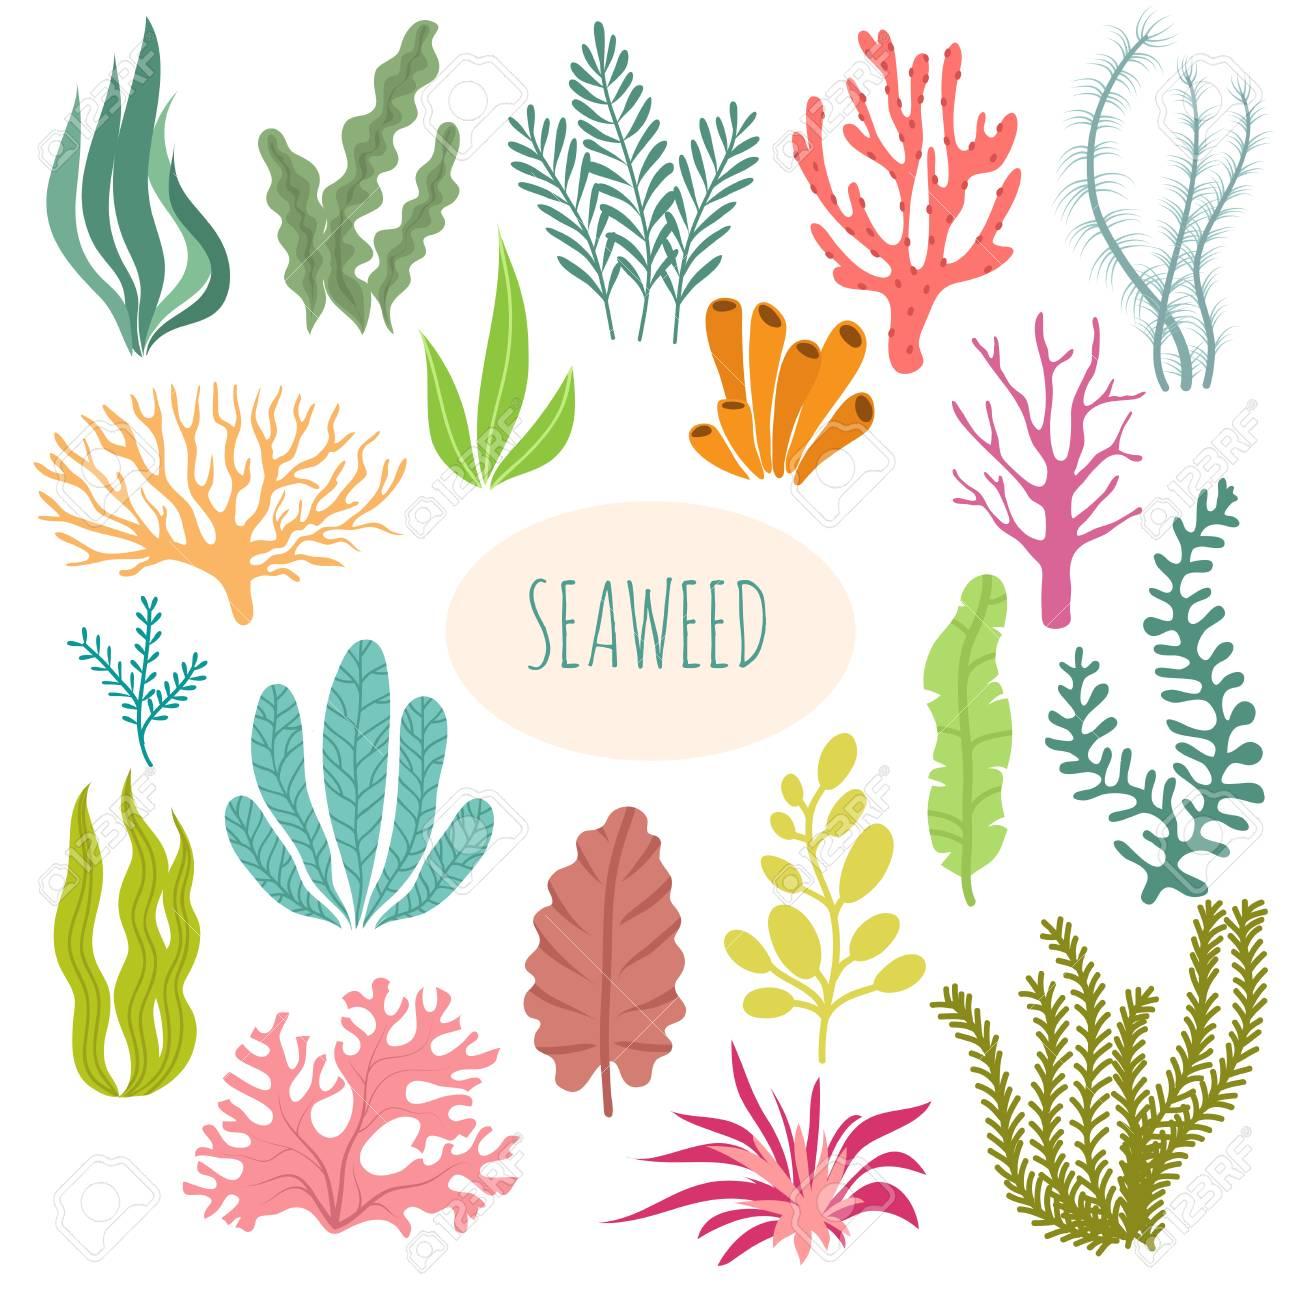 Seaweeds  Aquarium plants, underwater planting  Vector seaweed